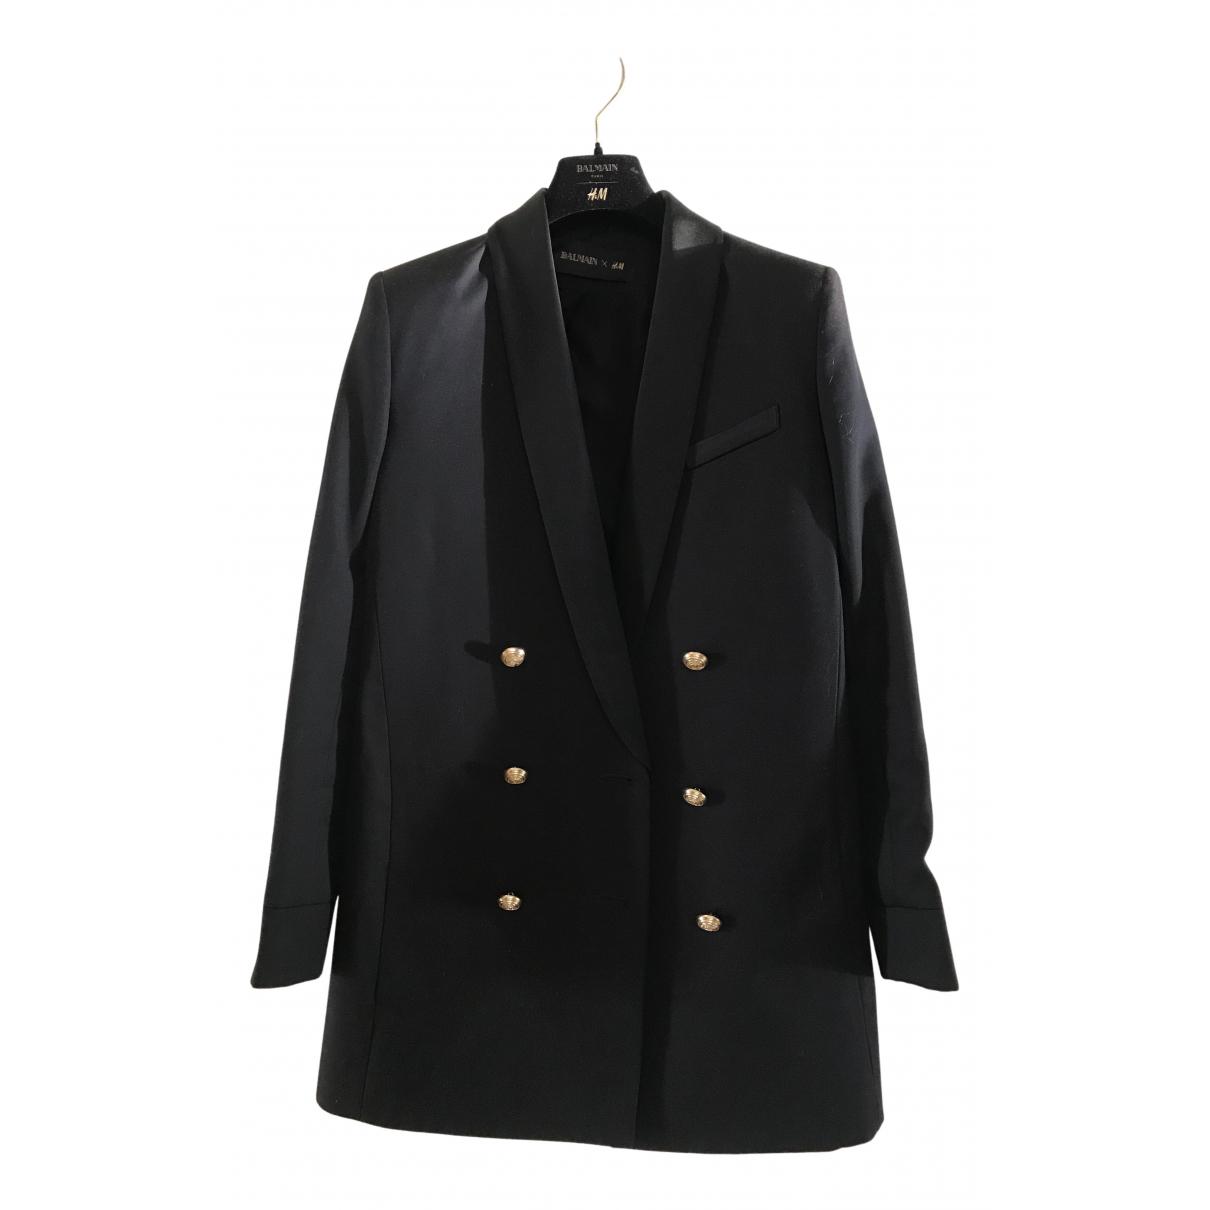 Balmain For H&m - Veste   pour femme en coton - noir